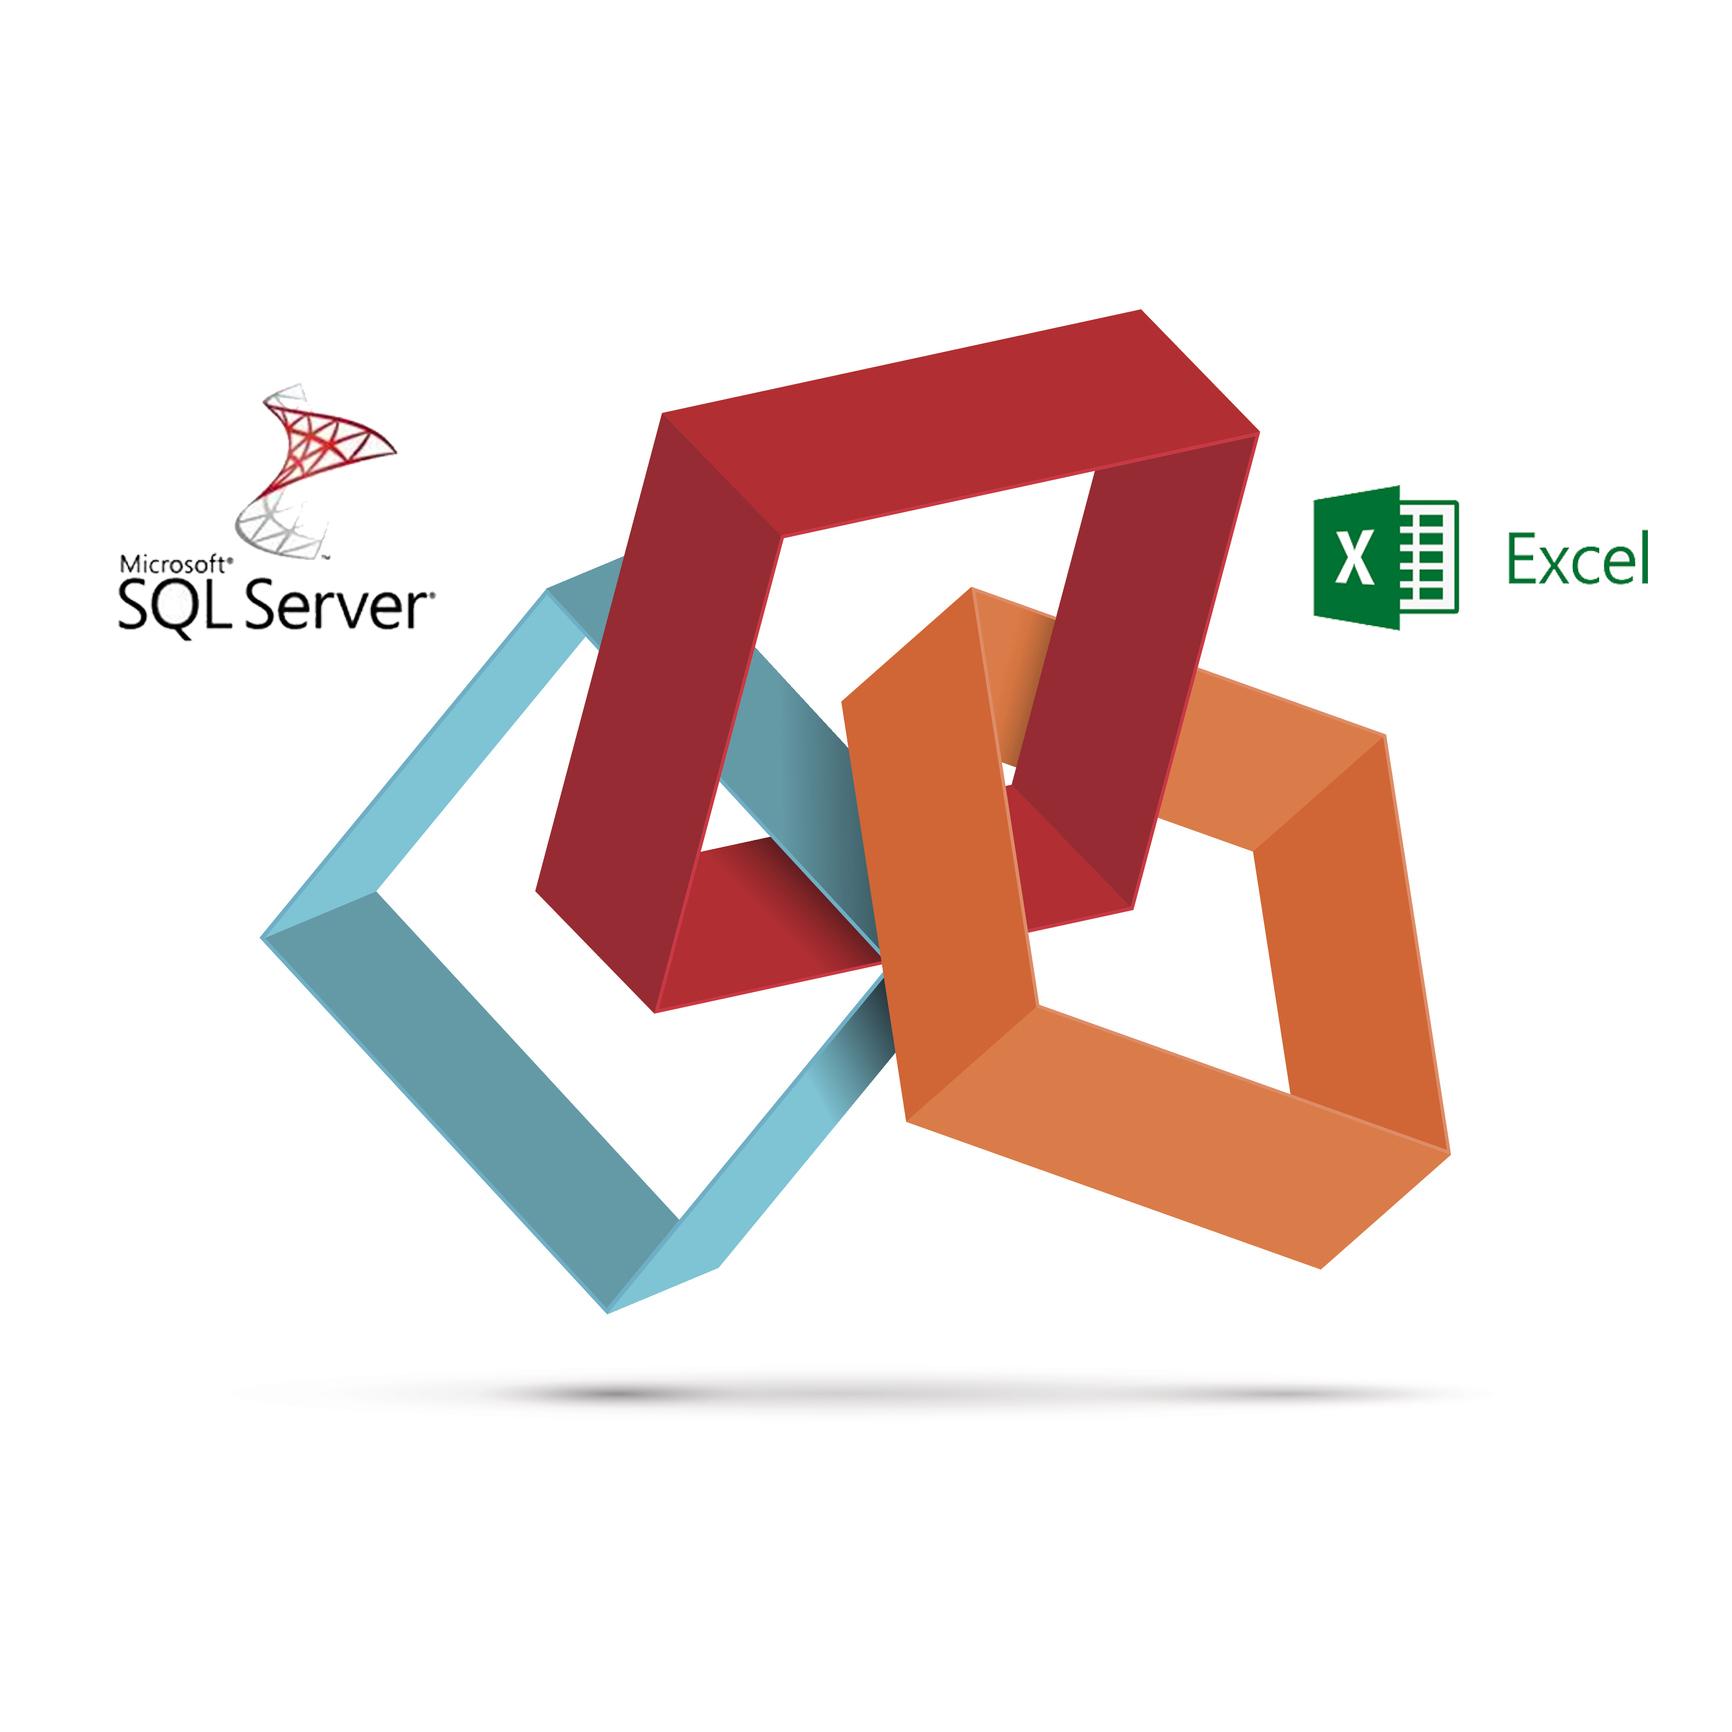 SQL – EXCEL Integration